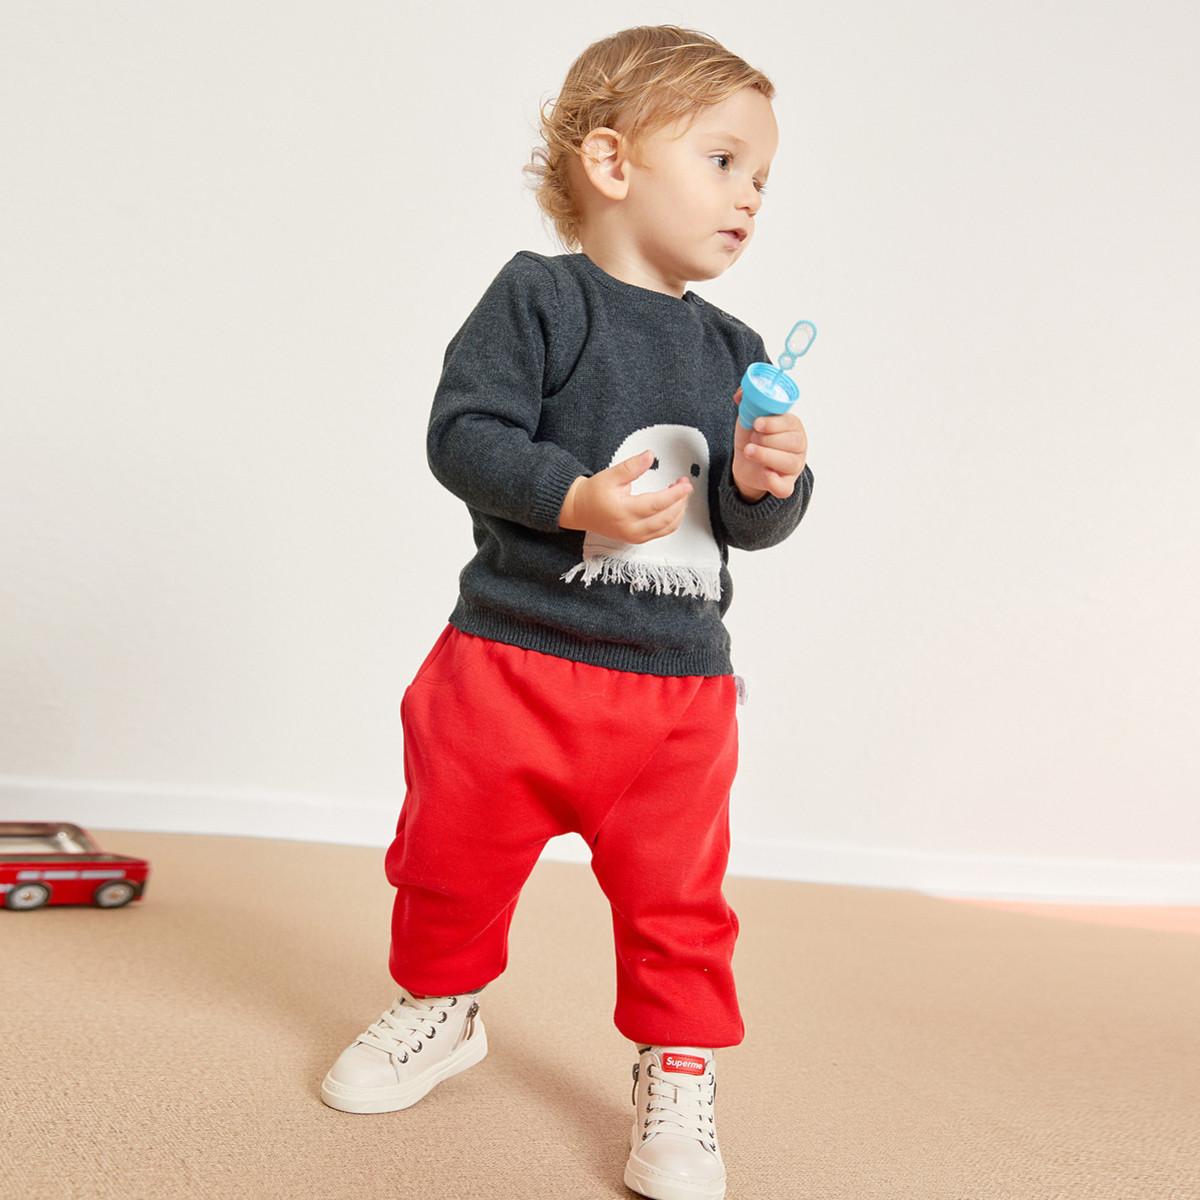 巴拉巴拉巴拉巴拉女宝宝毛衣2018冬季新款套头婴儿毛衣儿童线衫针织衫男280341821860015